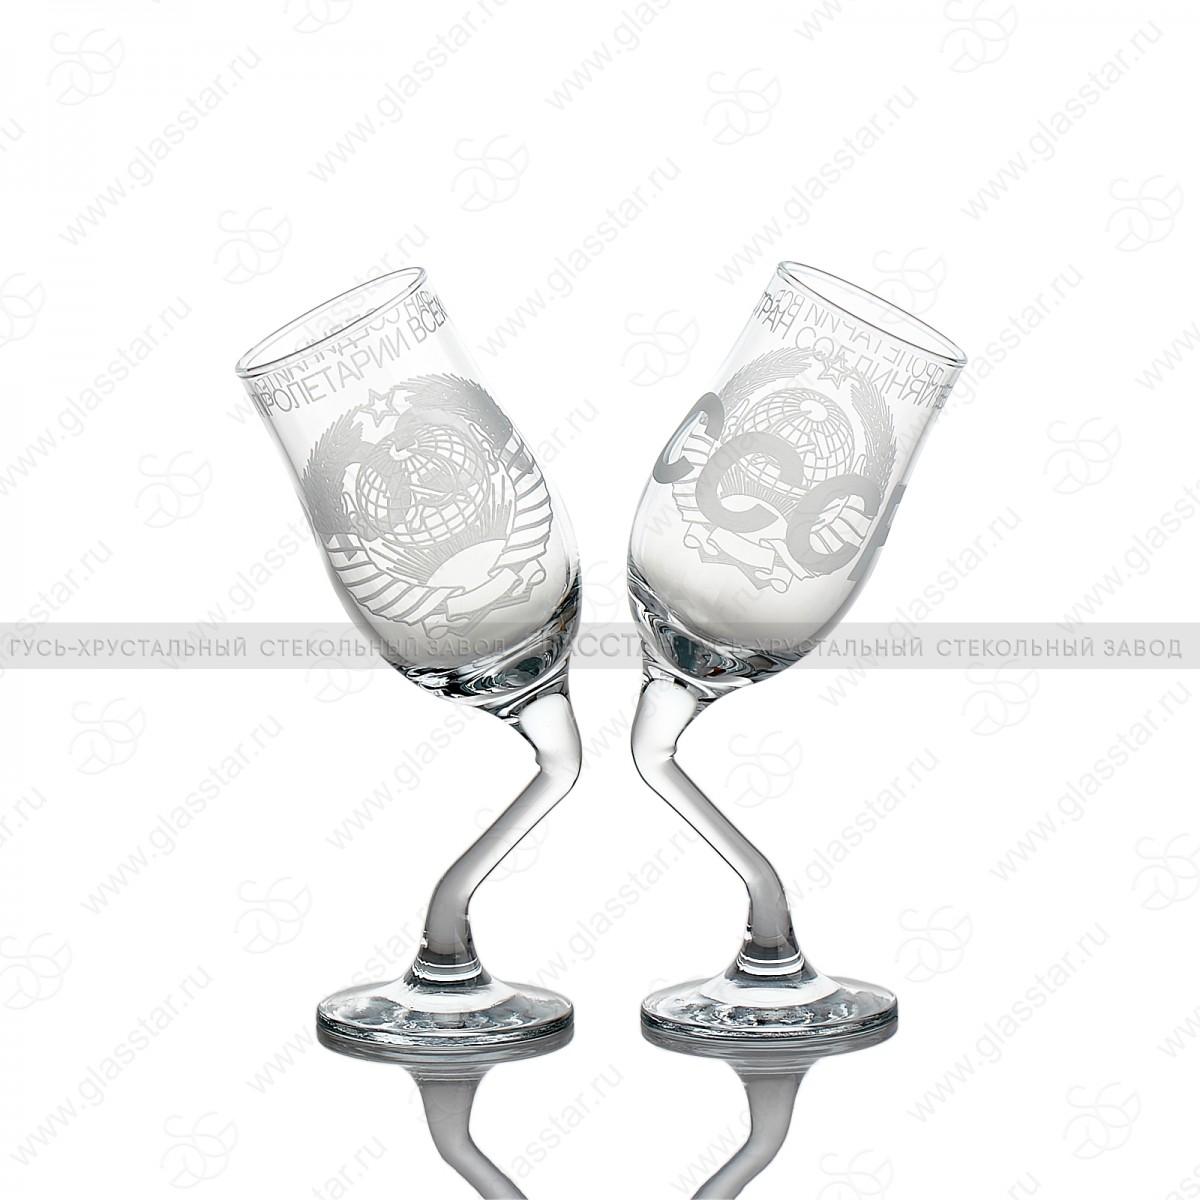 Набор из 2 бокалов «Пьяные бокалы», рисунок «СССР», 200 мл